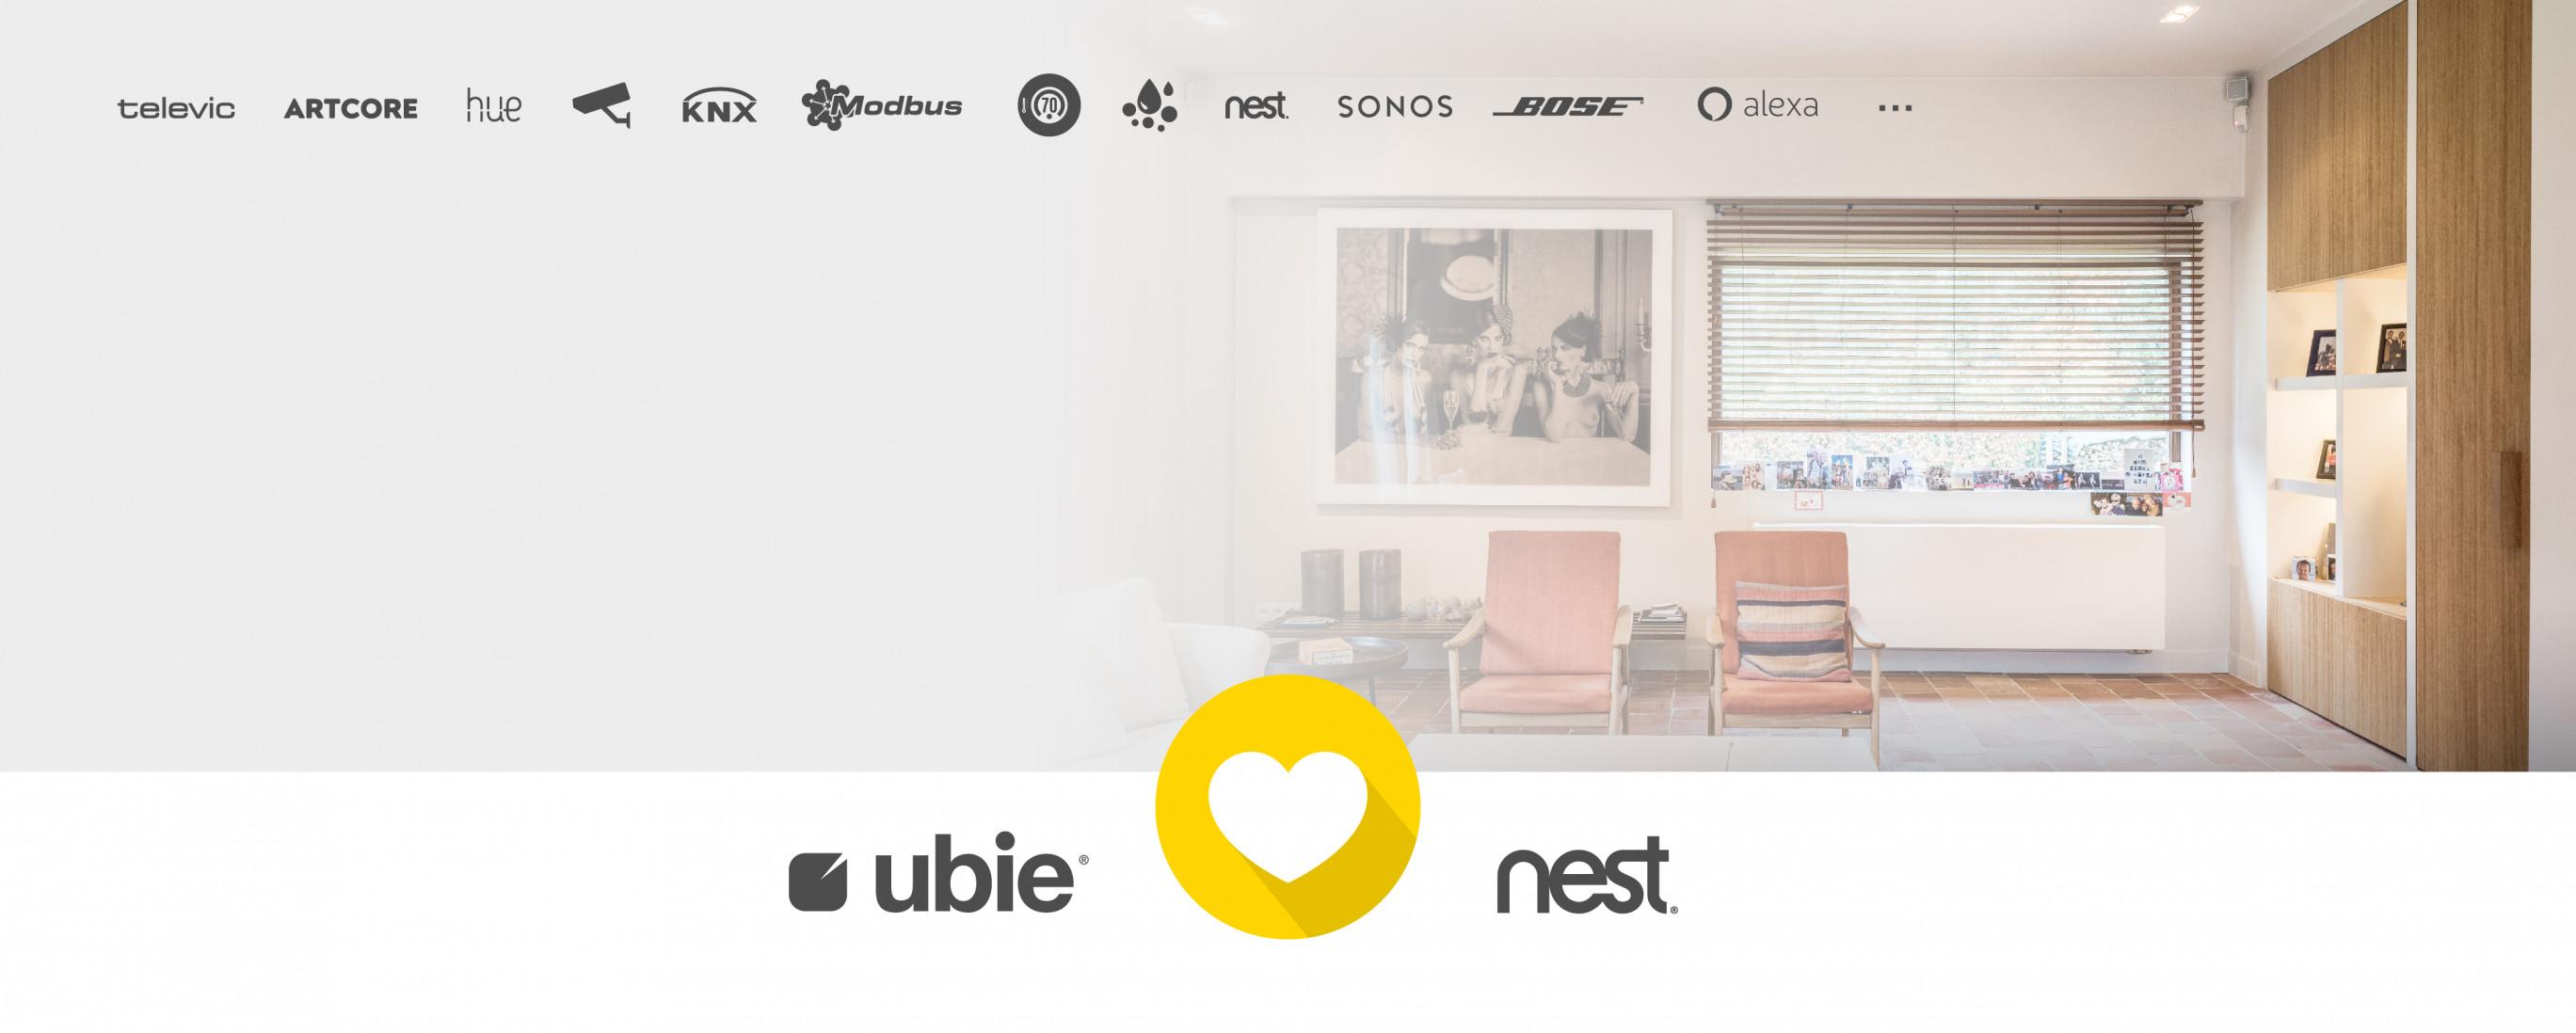 Ubiebox-header-v7-UbieLovesNest.jpg